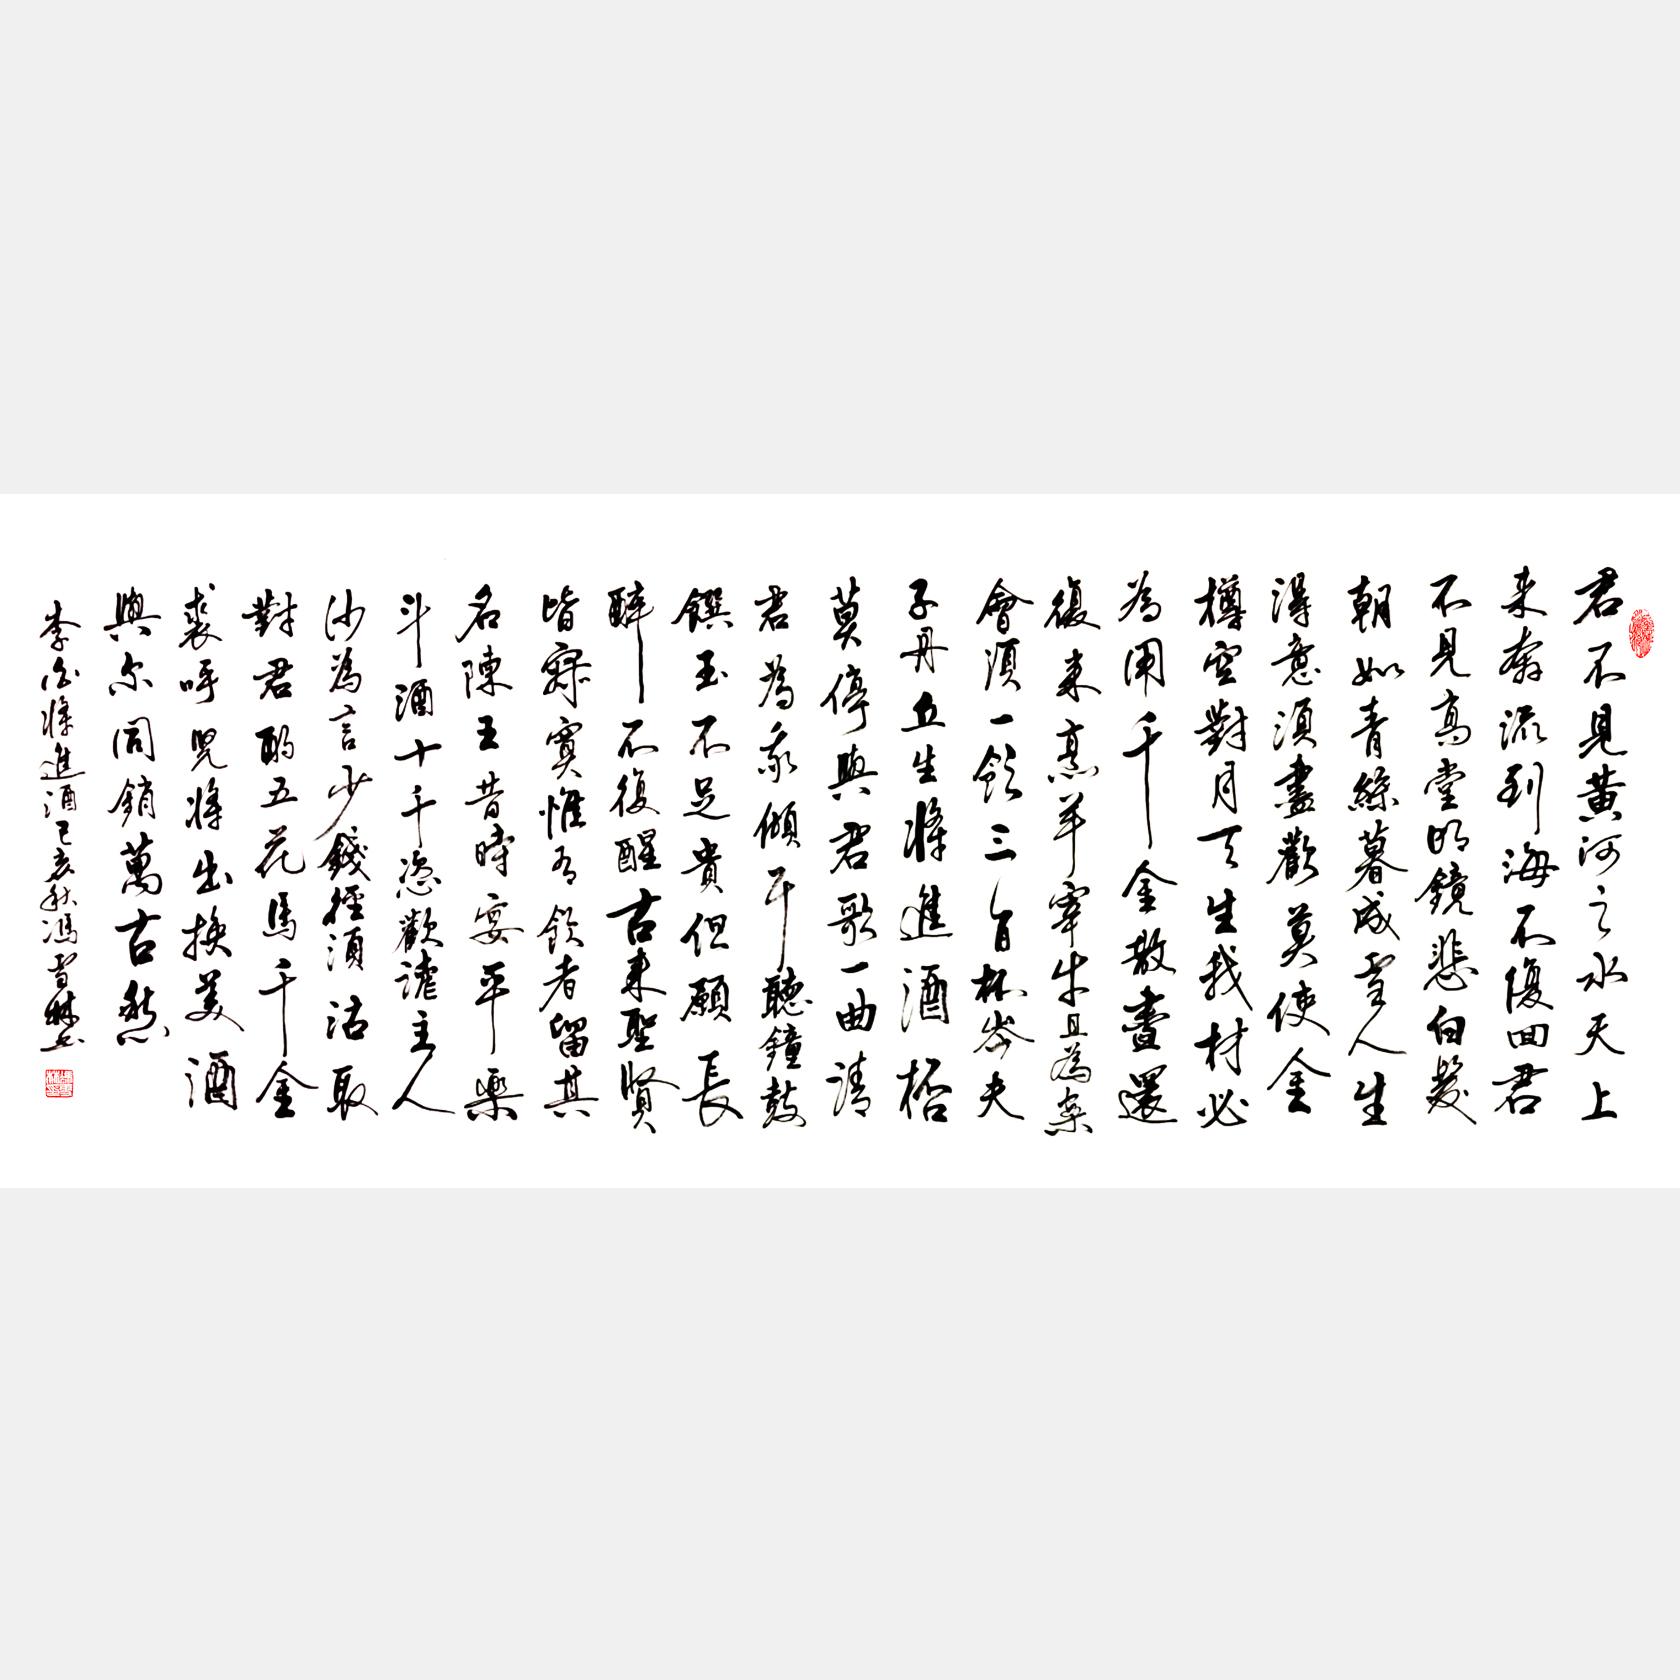 名篇李白《将进酒》书法作品欣赏 名家行书字画 六尺横幅